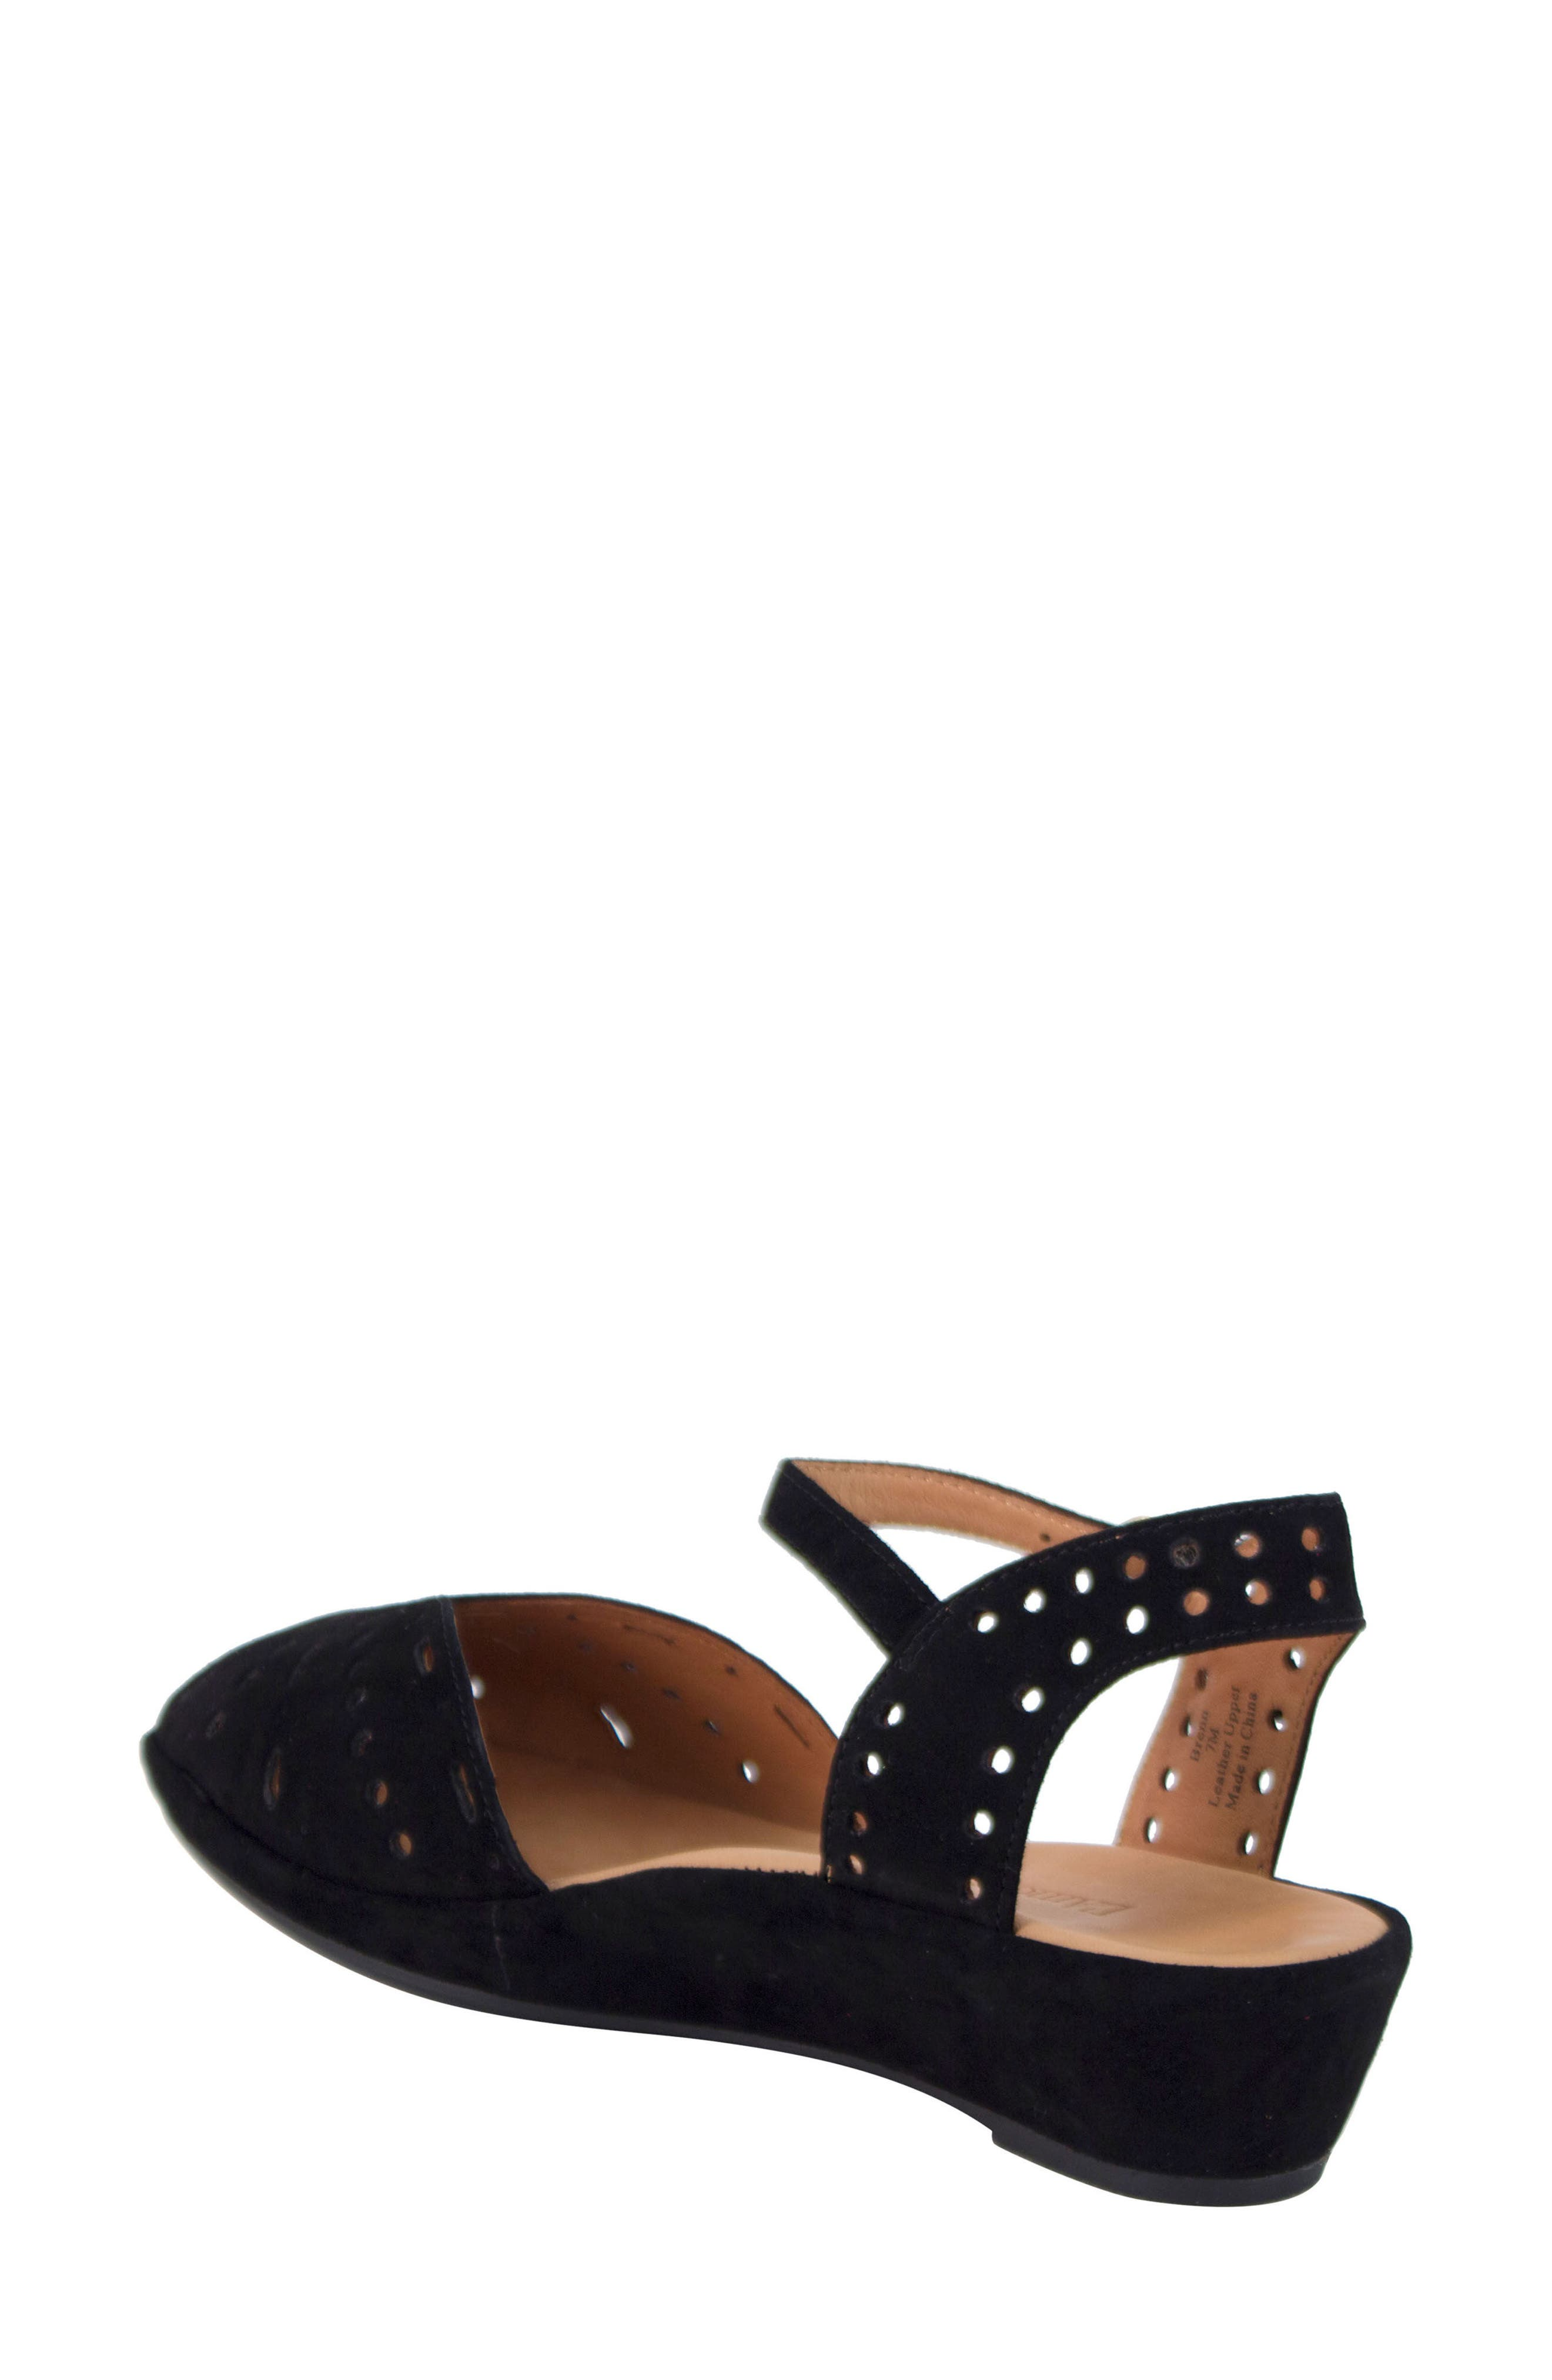 L'AMOUR DES PIEDS, 'Brenn' Ankle Strap Sandal, Alternate thumbnail 2, color, BLACK SUEDE